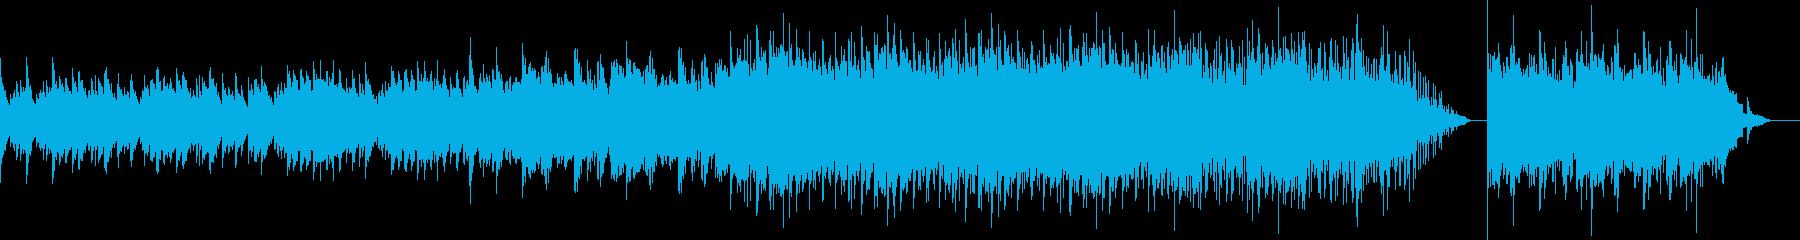 ポップな背景、ピアノメロディー。の再生済みの波形